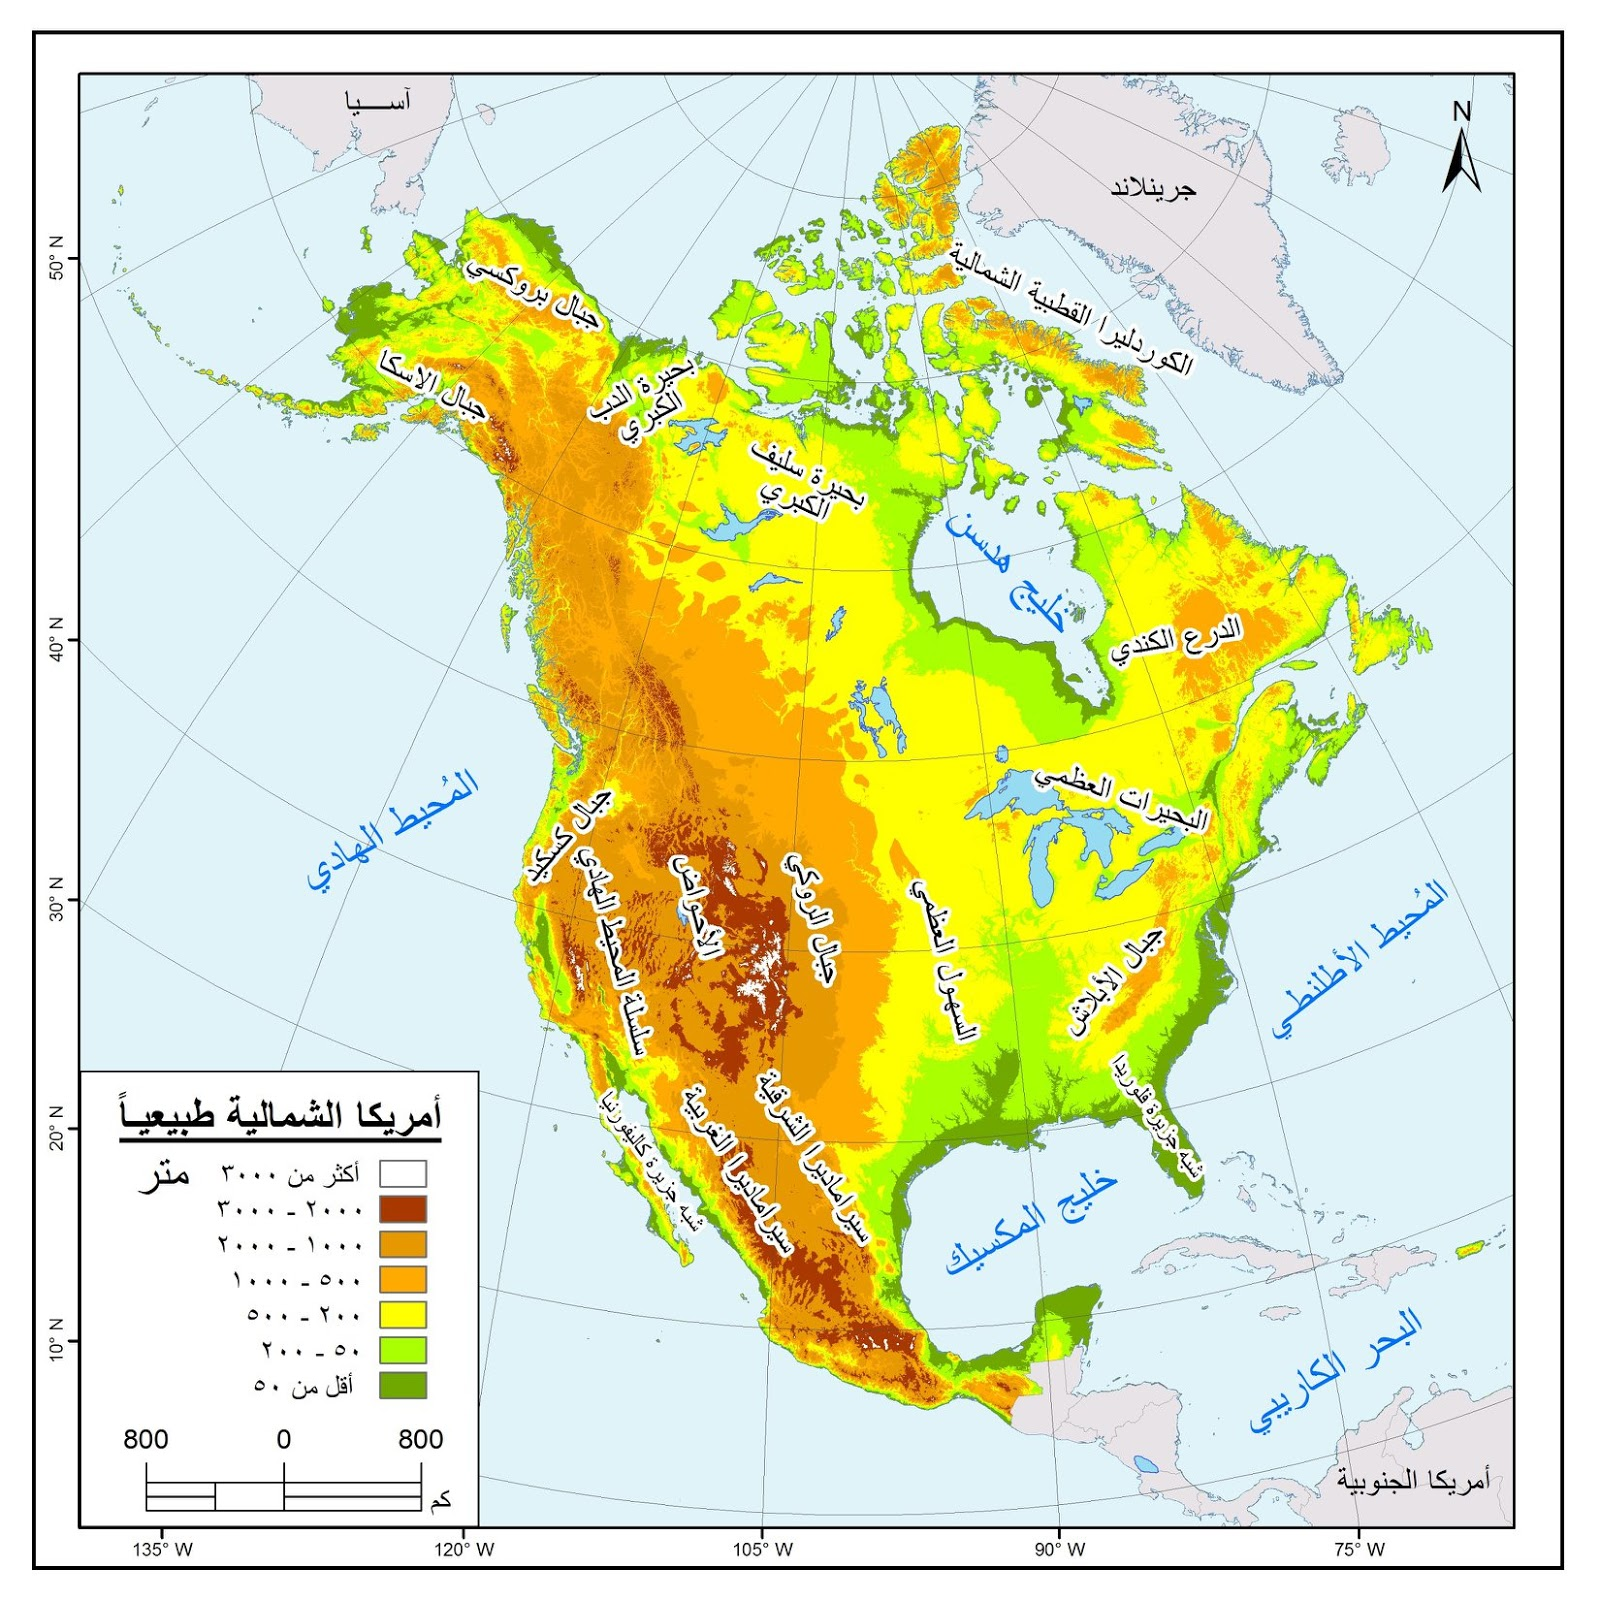 خريطة أمريكا الشمالية طبيعيا